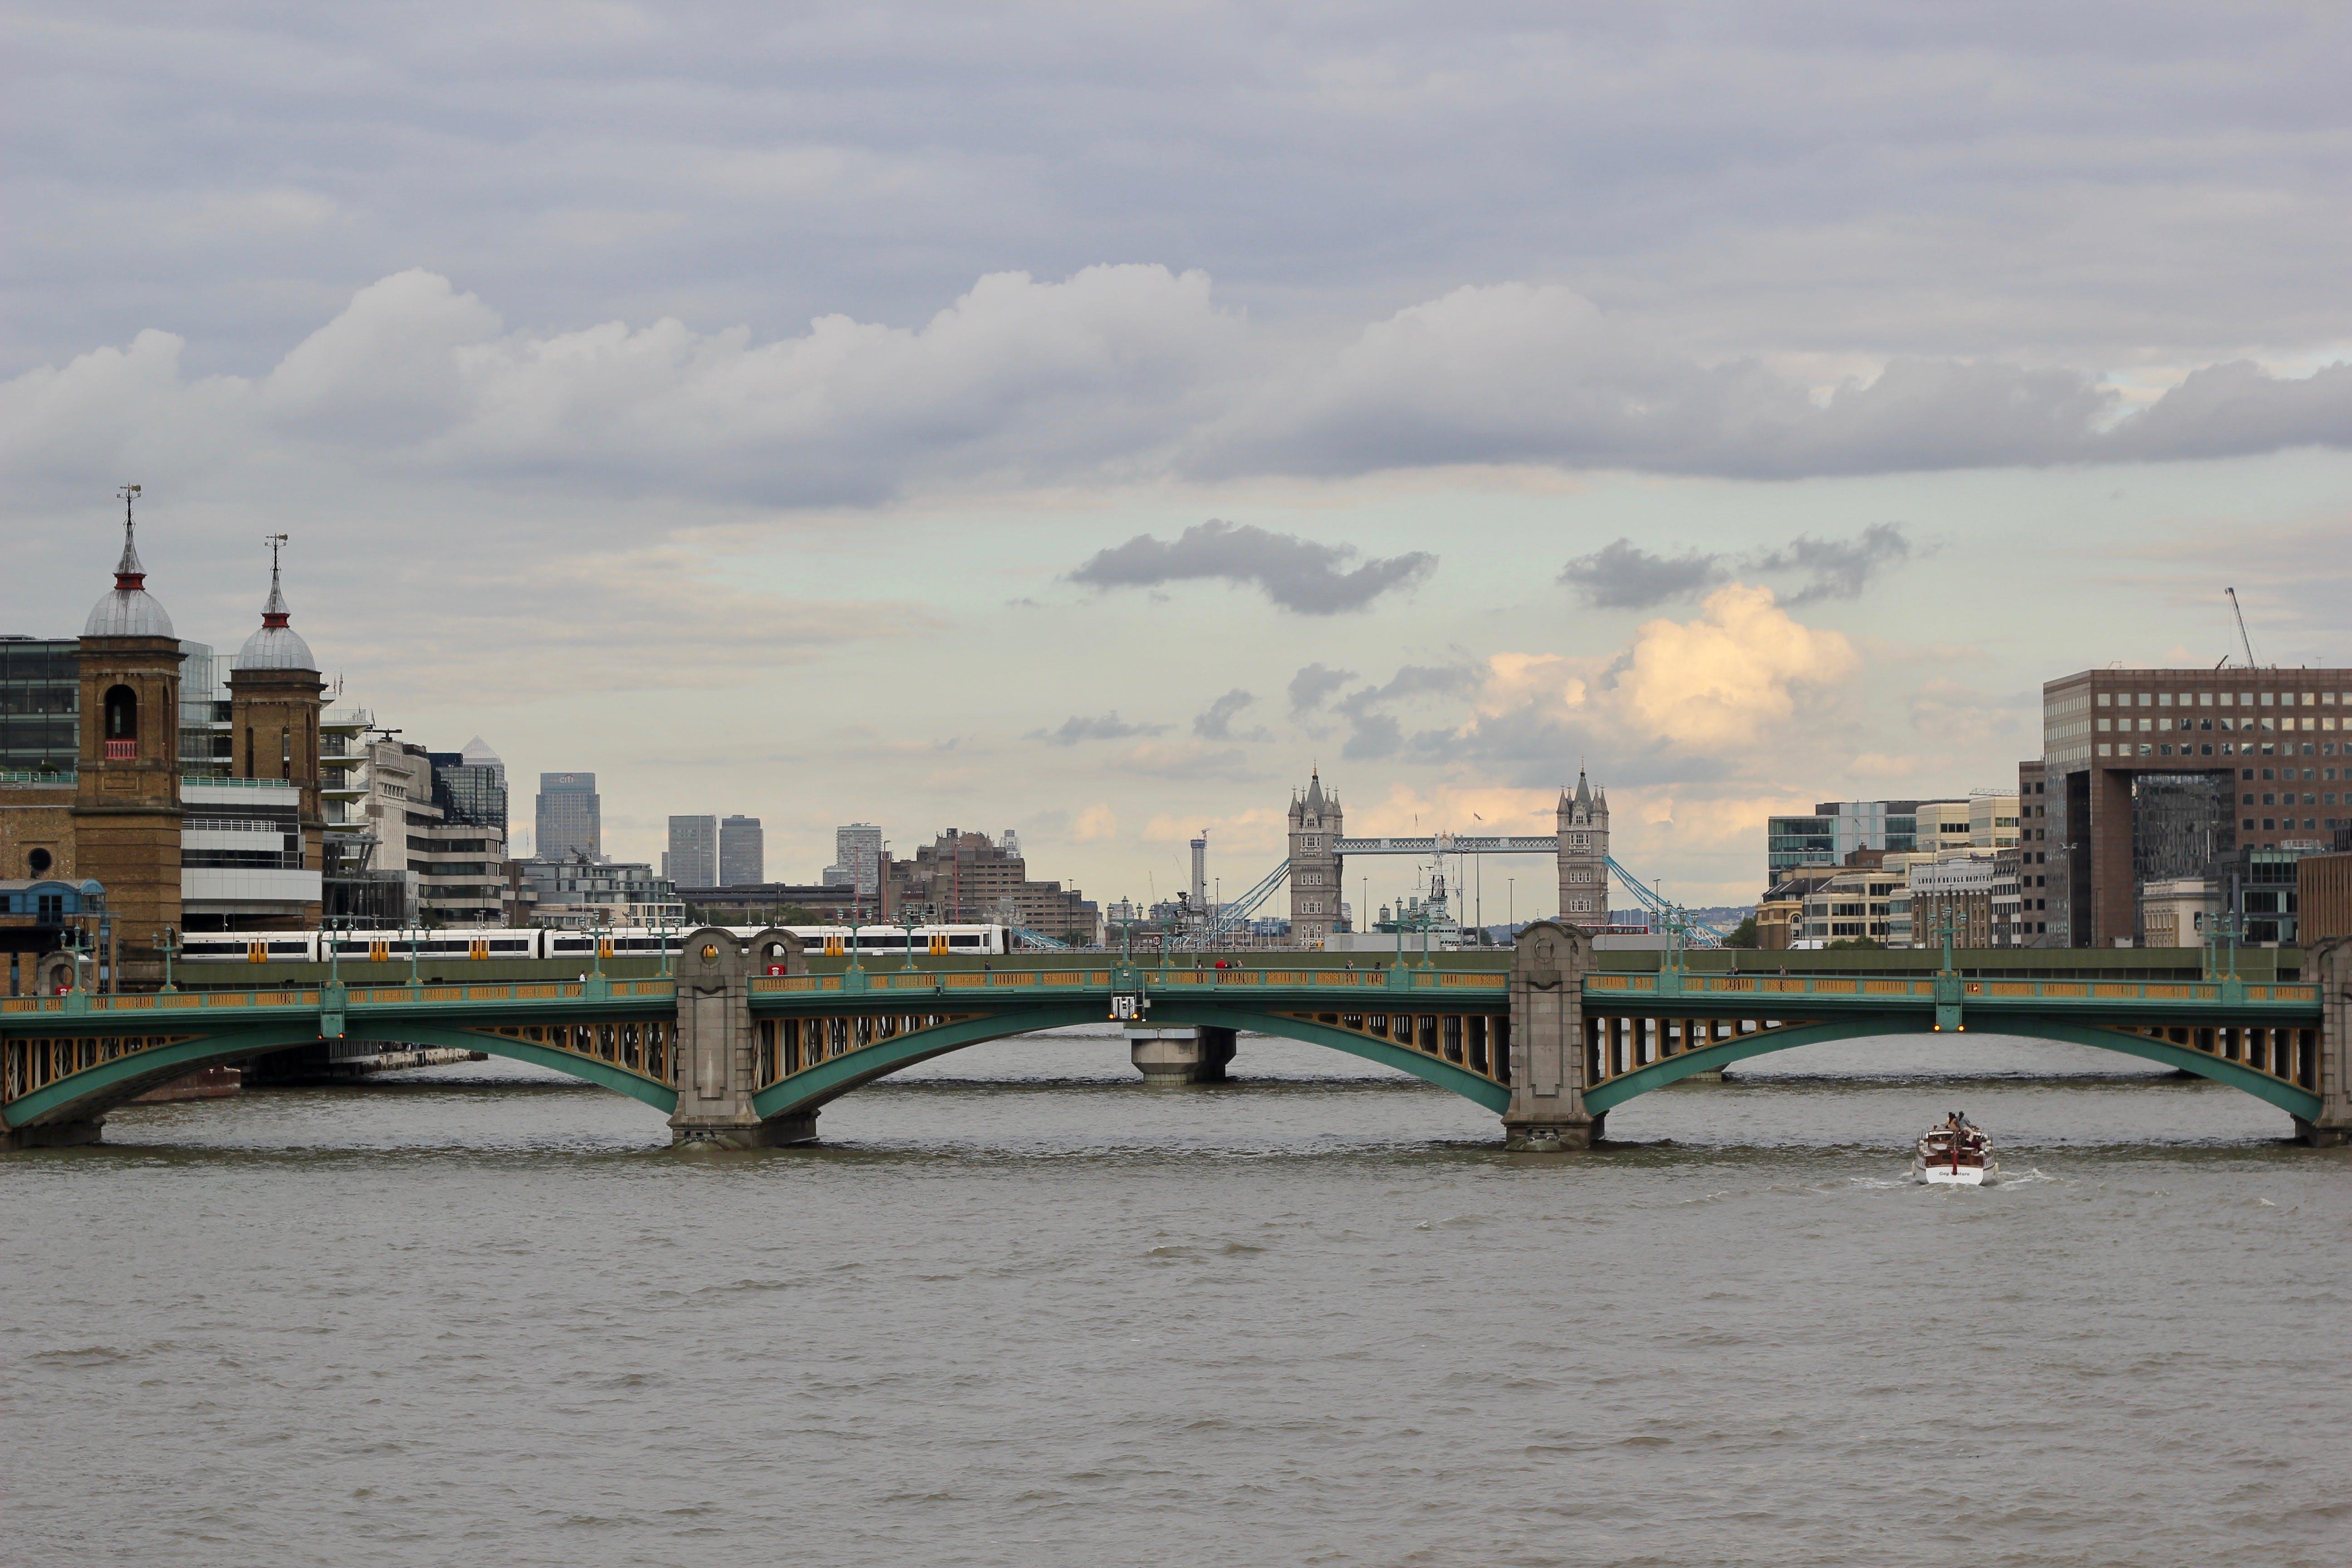 về ánh sáng ban ngày, các tòa nhà, cầu, con sông